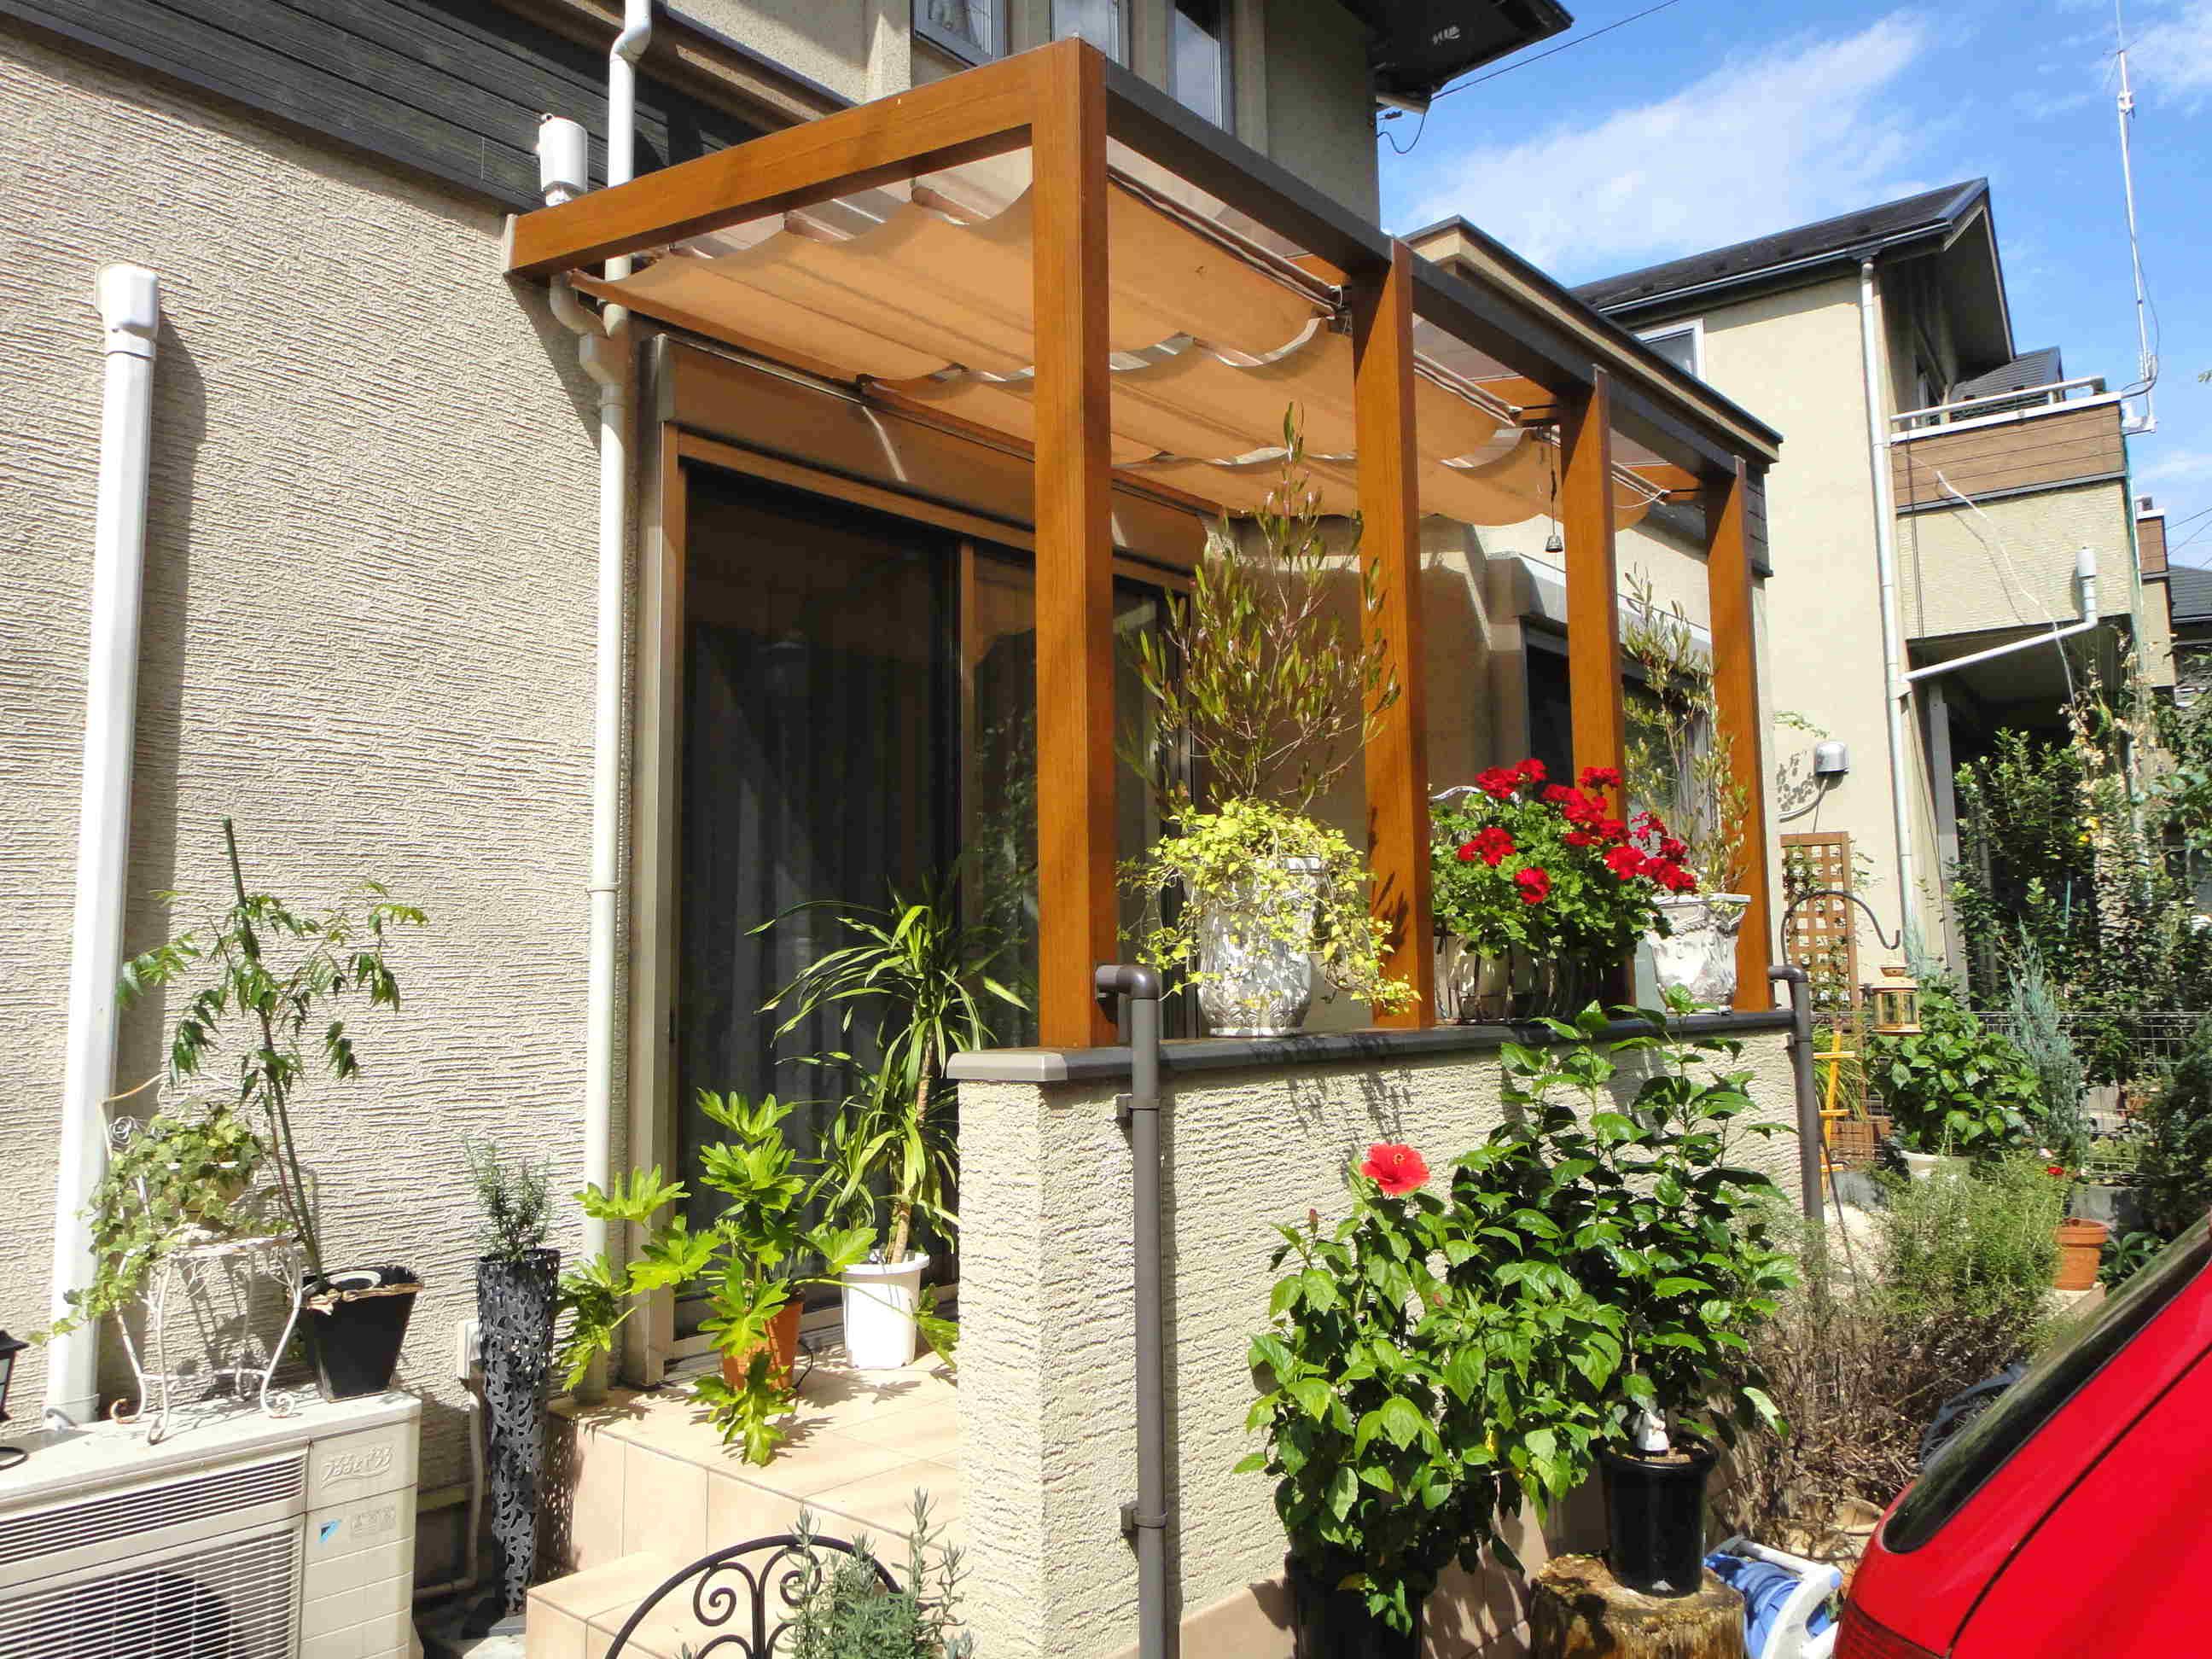 ガーデンルームとタイルテラスがオシャレなお家の顔に